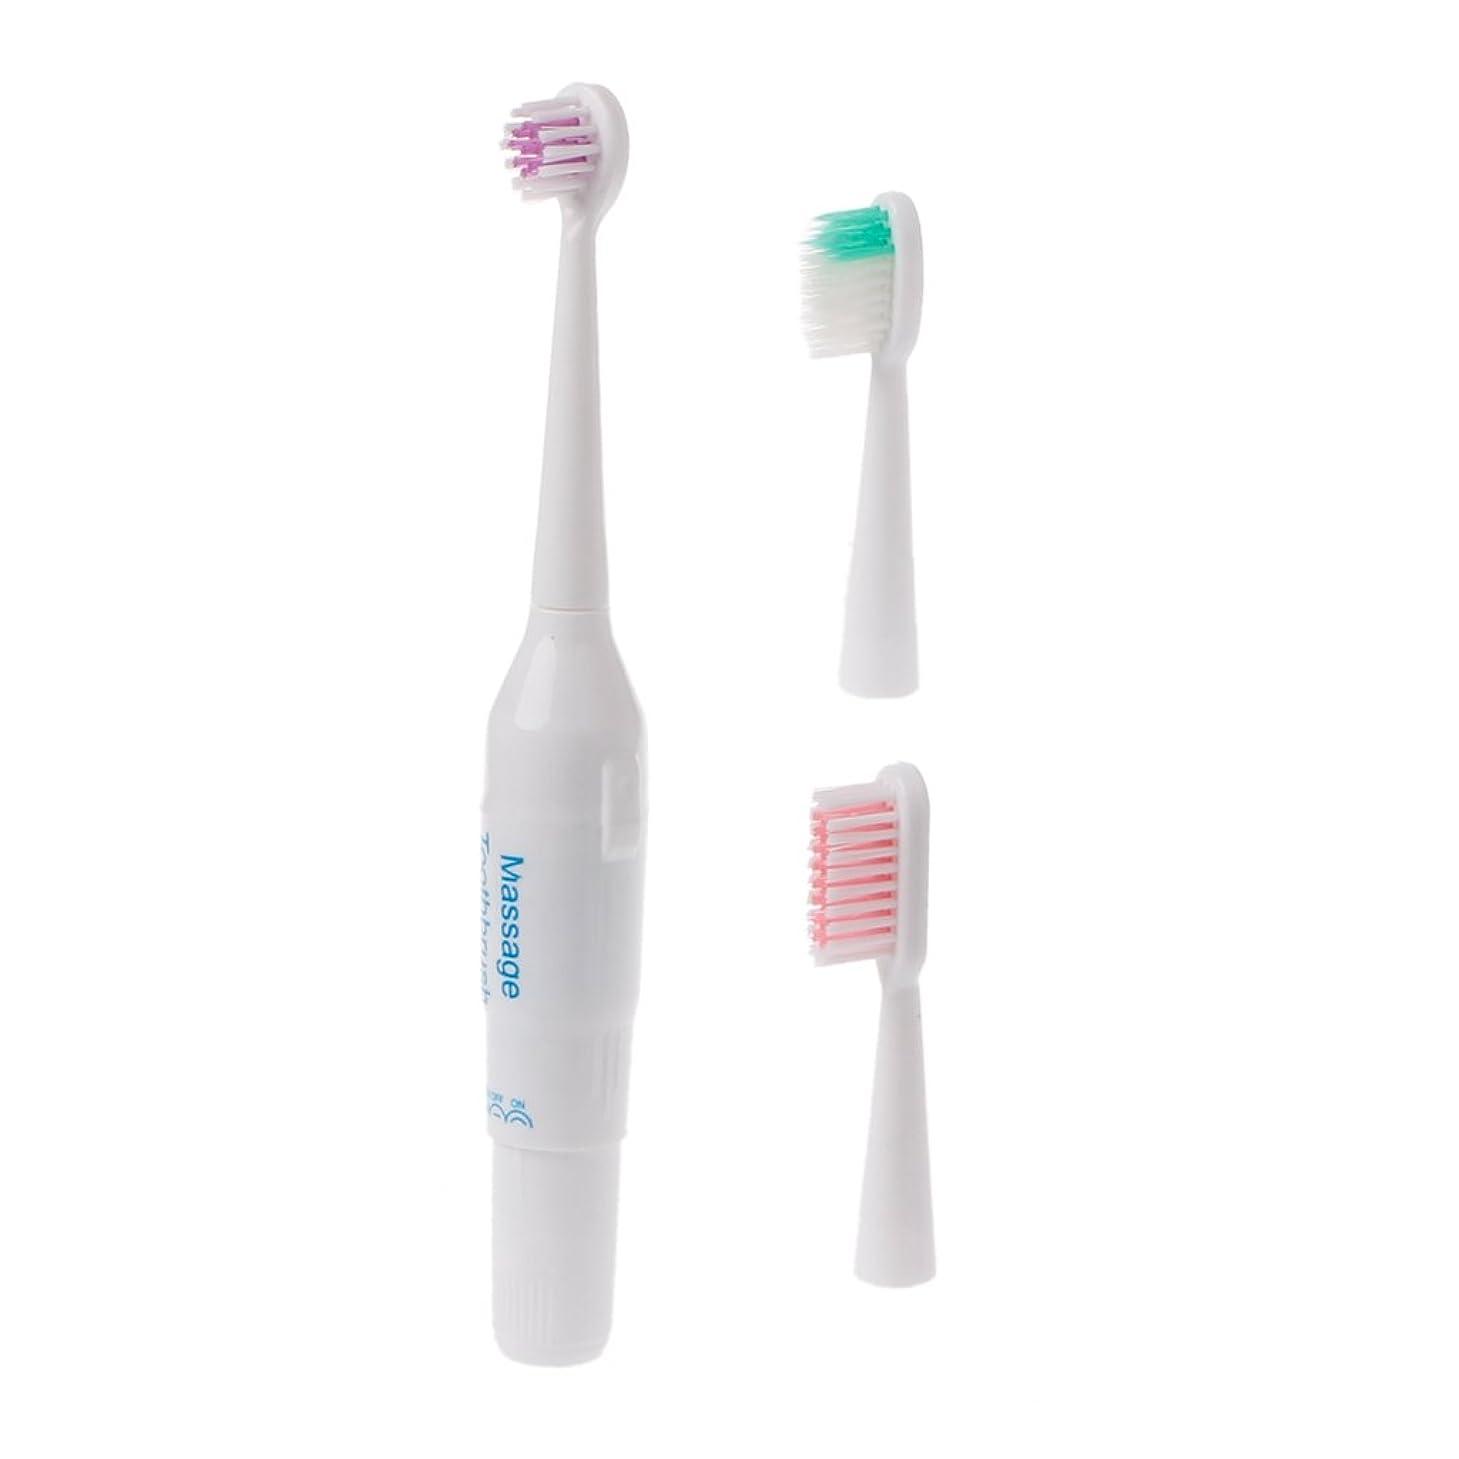 ポルトガル語つまずく祖母Manyao キッズプロフェッショナル口腔ケアクリーン電気歯ブラシパワーベビー用歯ブラシ